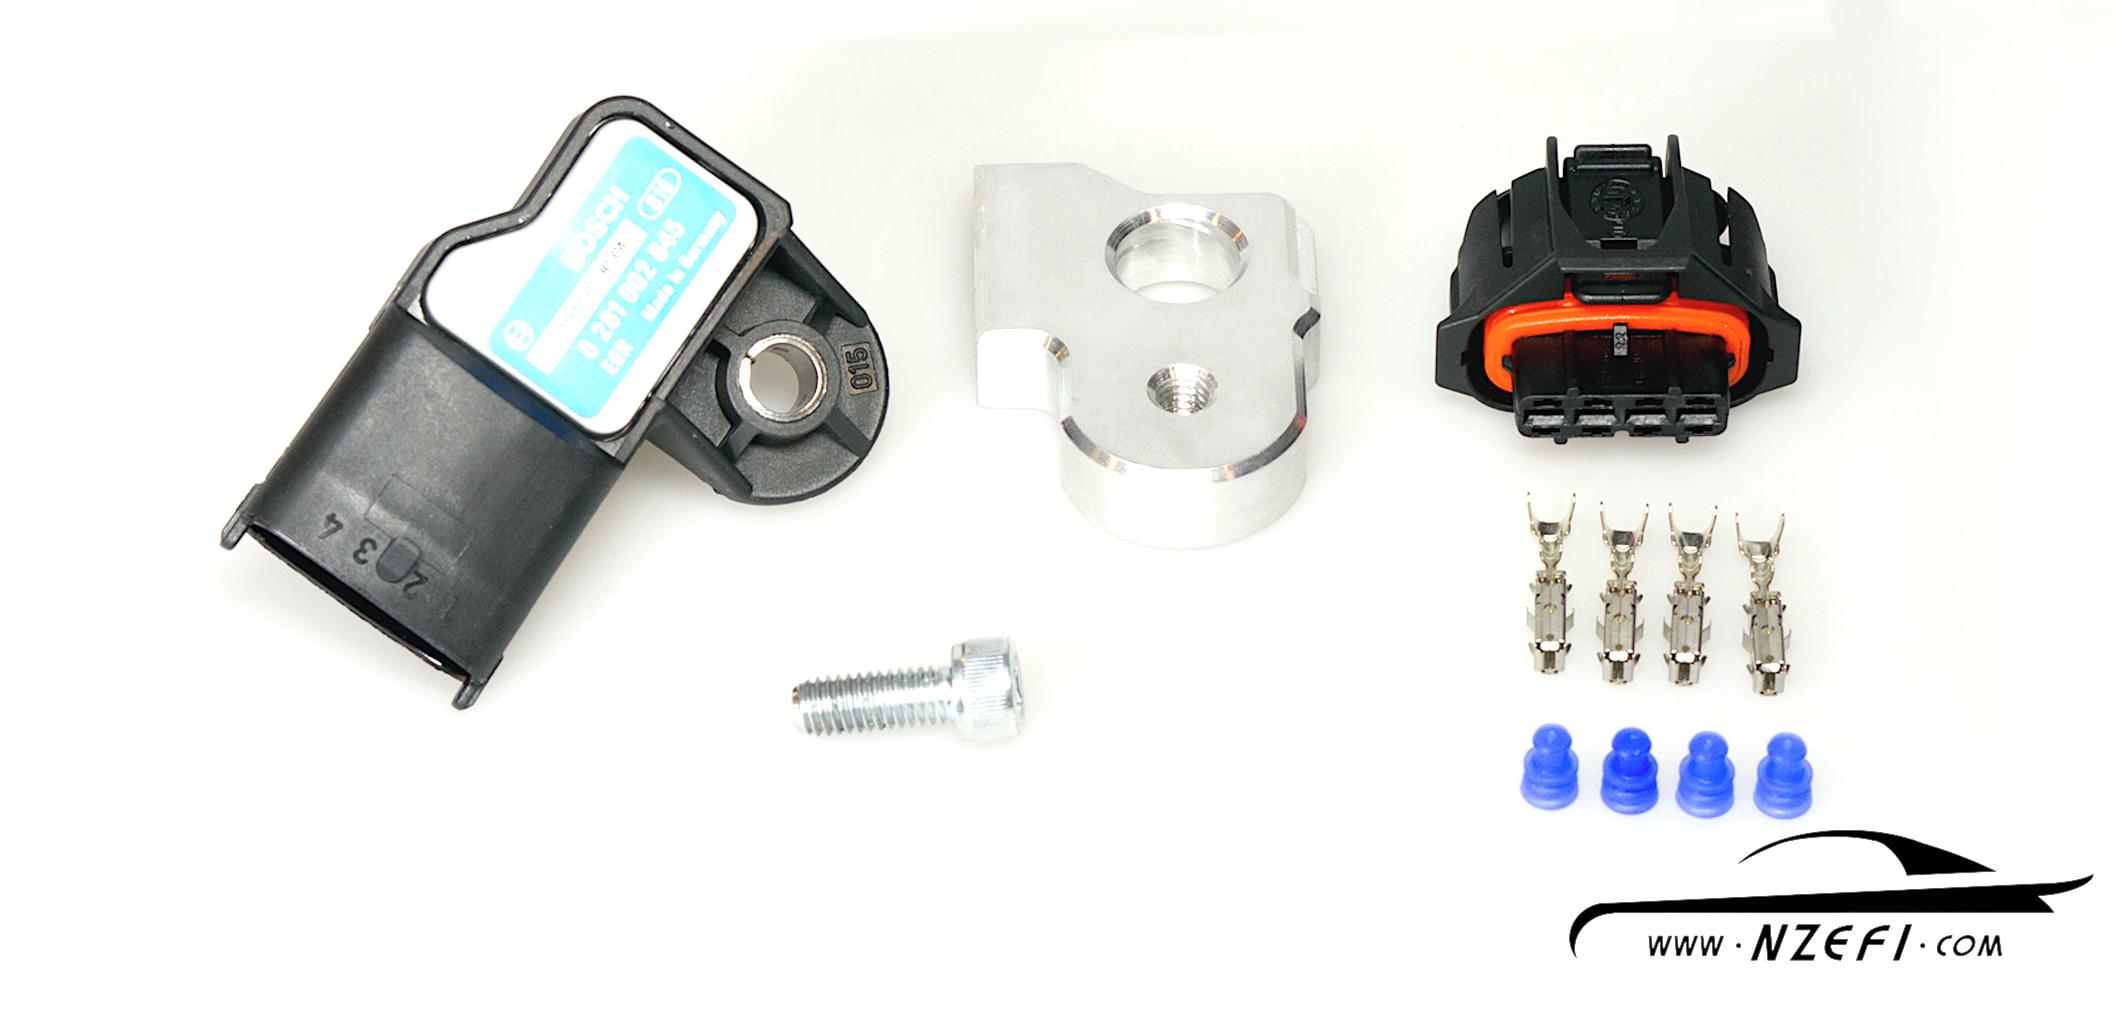 Bosch 3 Bar T-MAP Sensor with Weld-on Boss & Connector - NZEFINZEFI